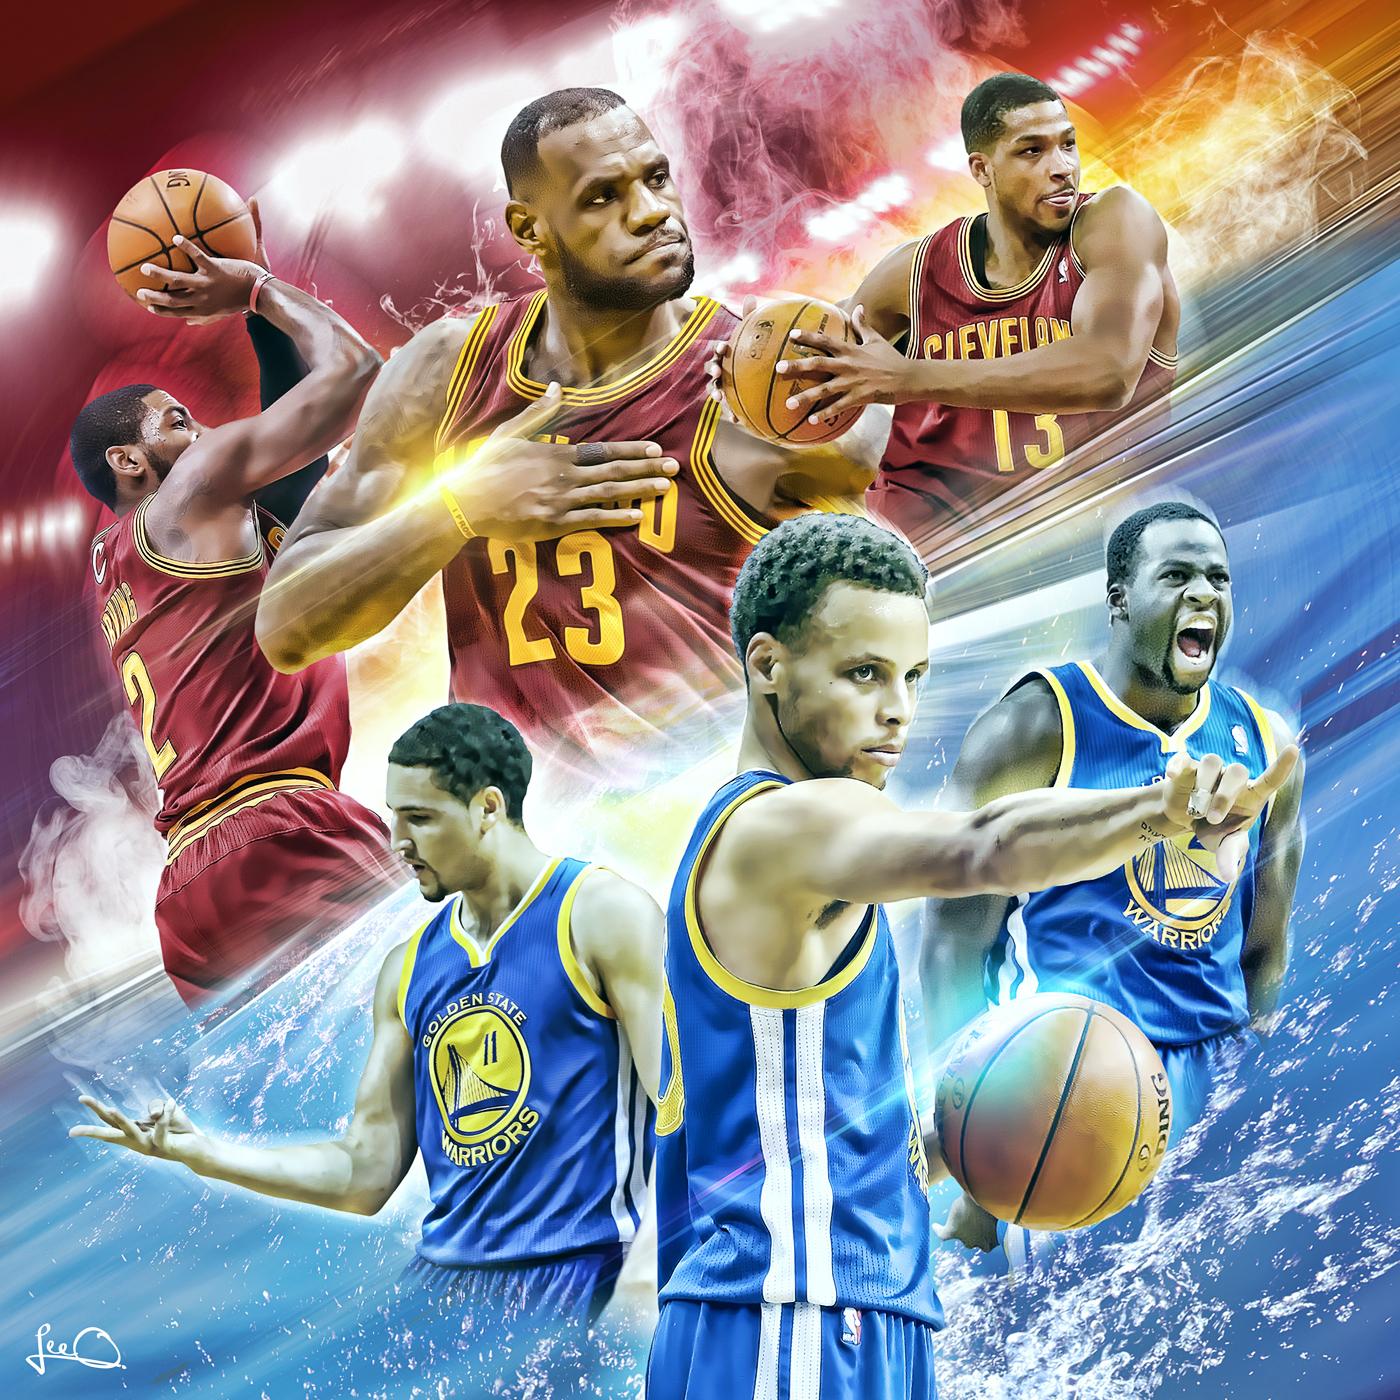 2015 NBA Finals Artwork on Behance